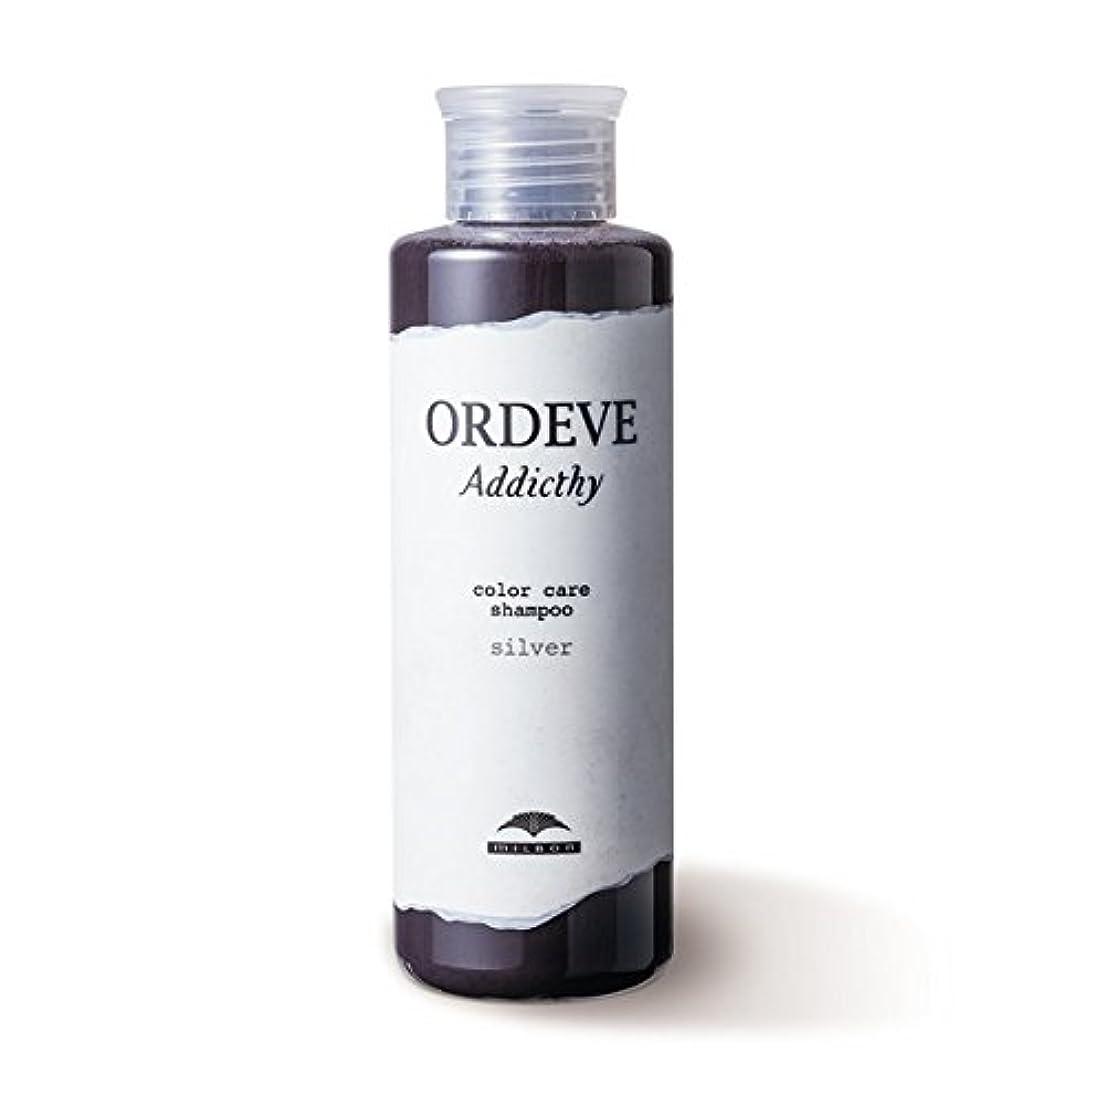 音節わざわざ悪性のミルボン オルディーブ アディクシー カラーケア シャンプー シルバー 180ml【ORDEVE Addicthy】